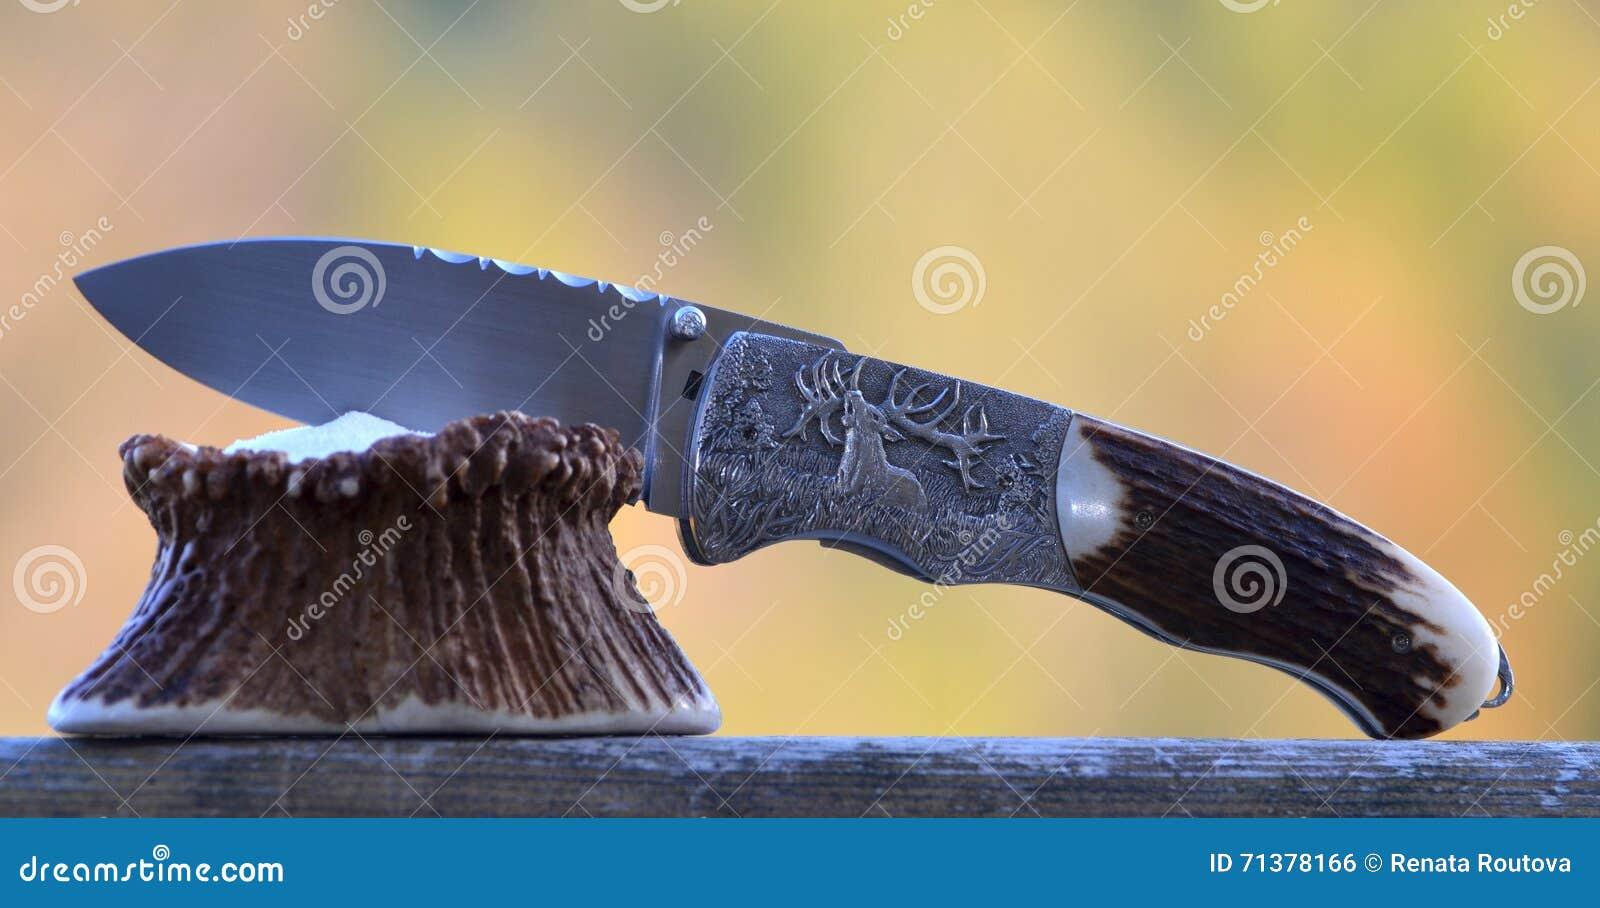 Couteau de poche de chasse avec la gravure de cerfs communs